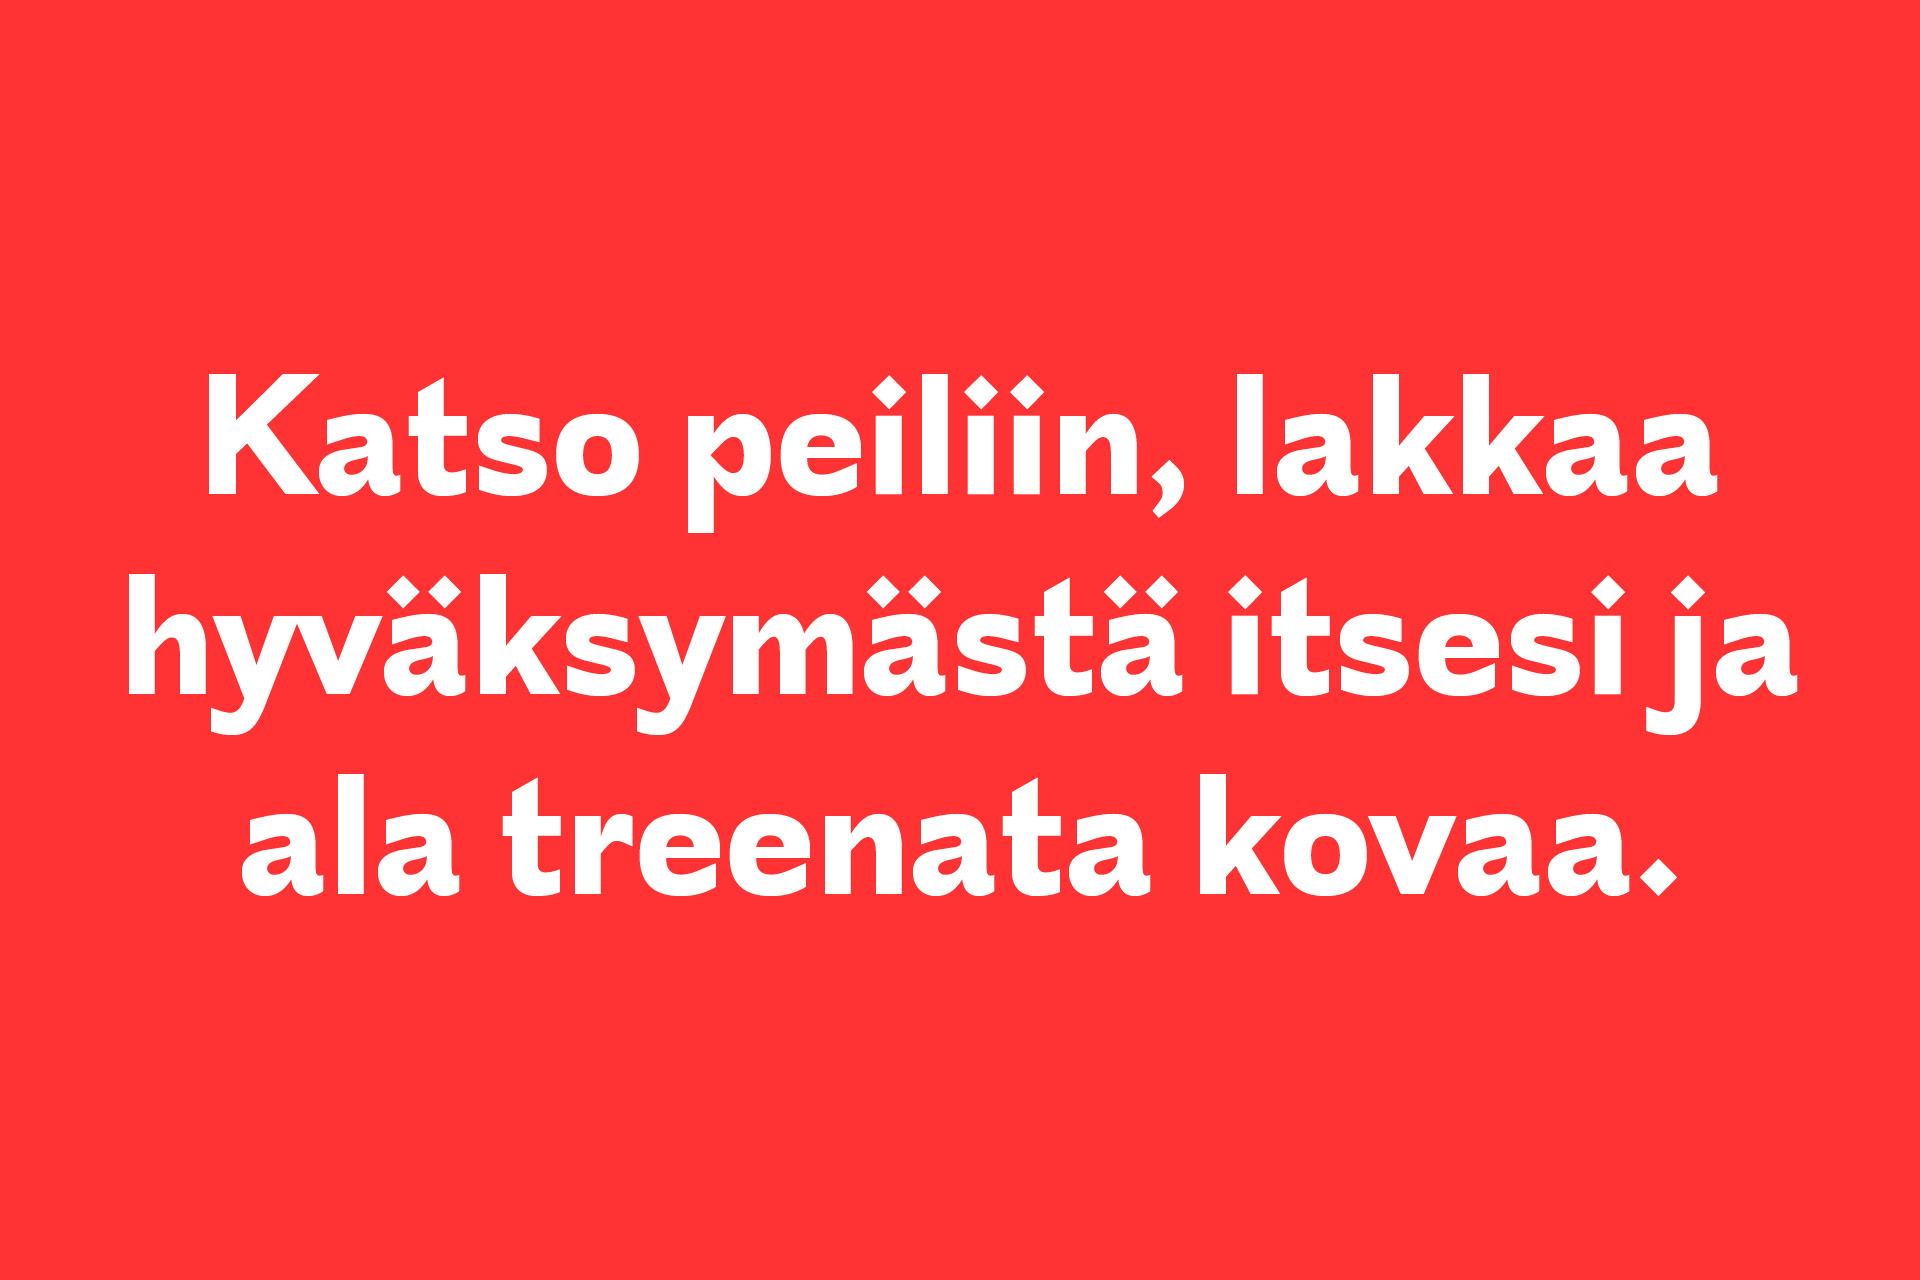 Ylioppilaslehti – Schick Toikka